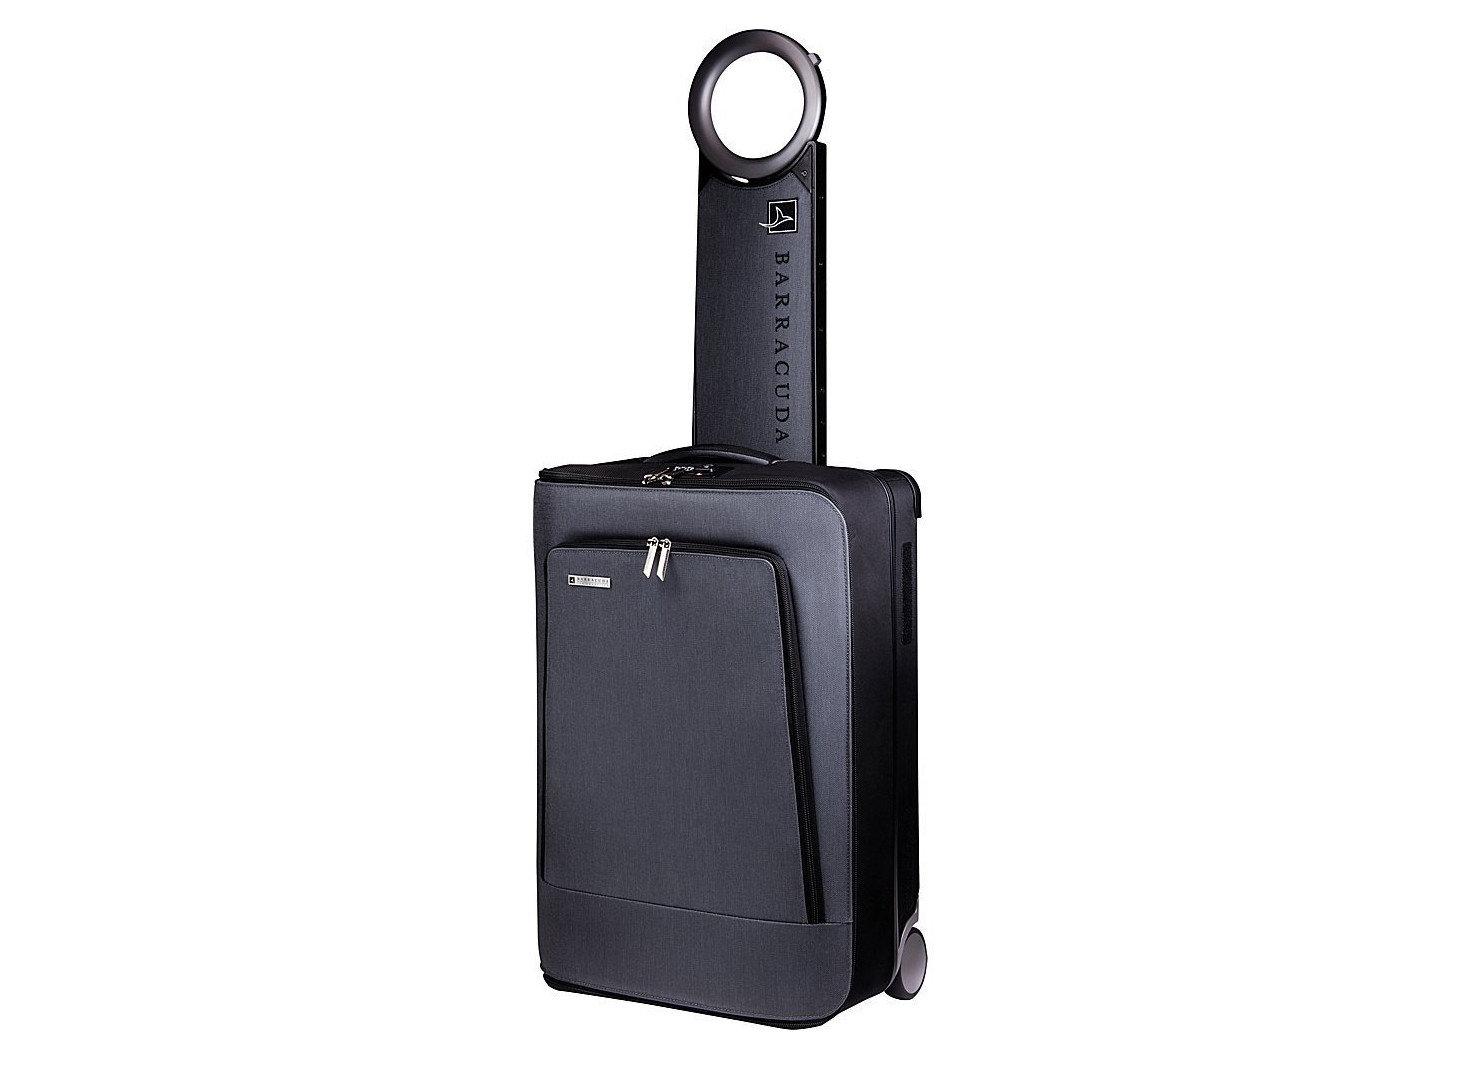 Style + Design luggage suitcase black product bag product design hardware case tool hand luggage colored